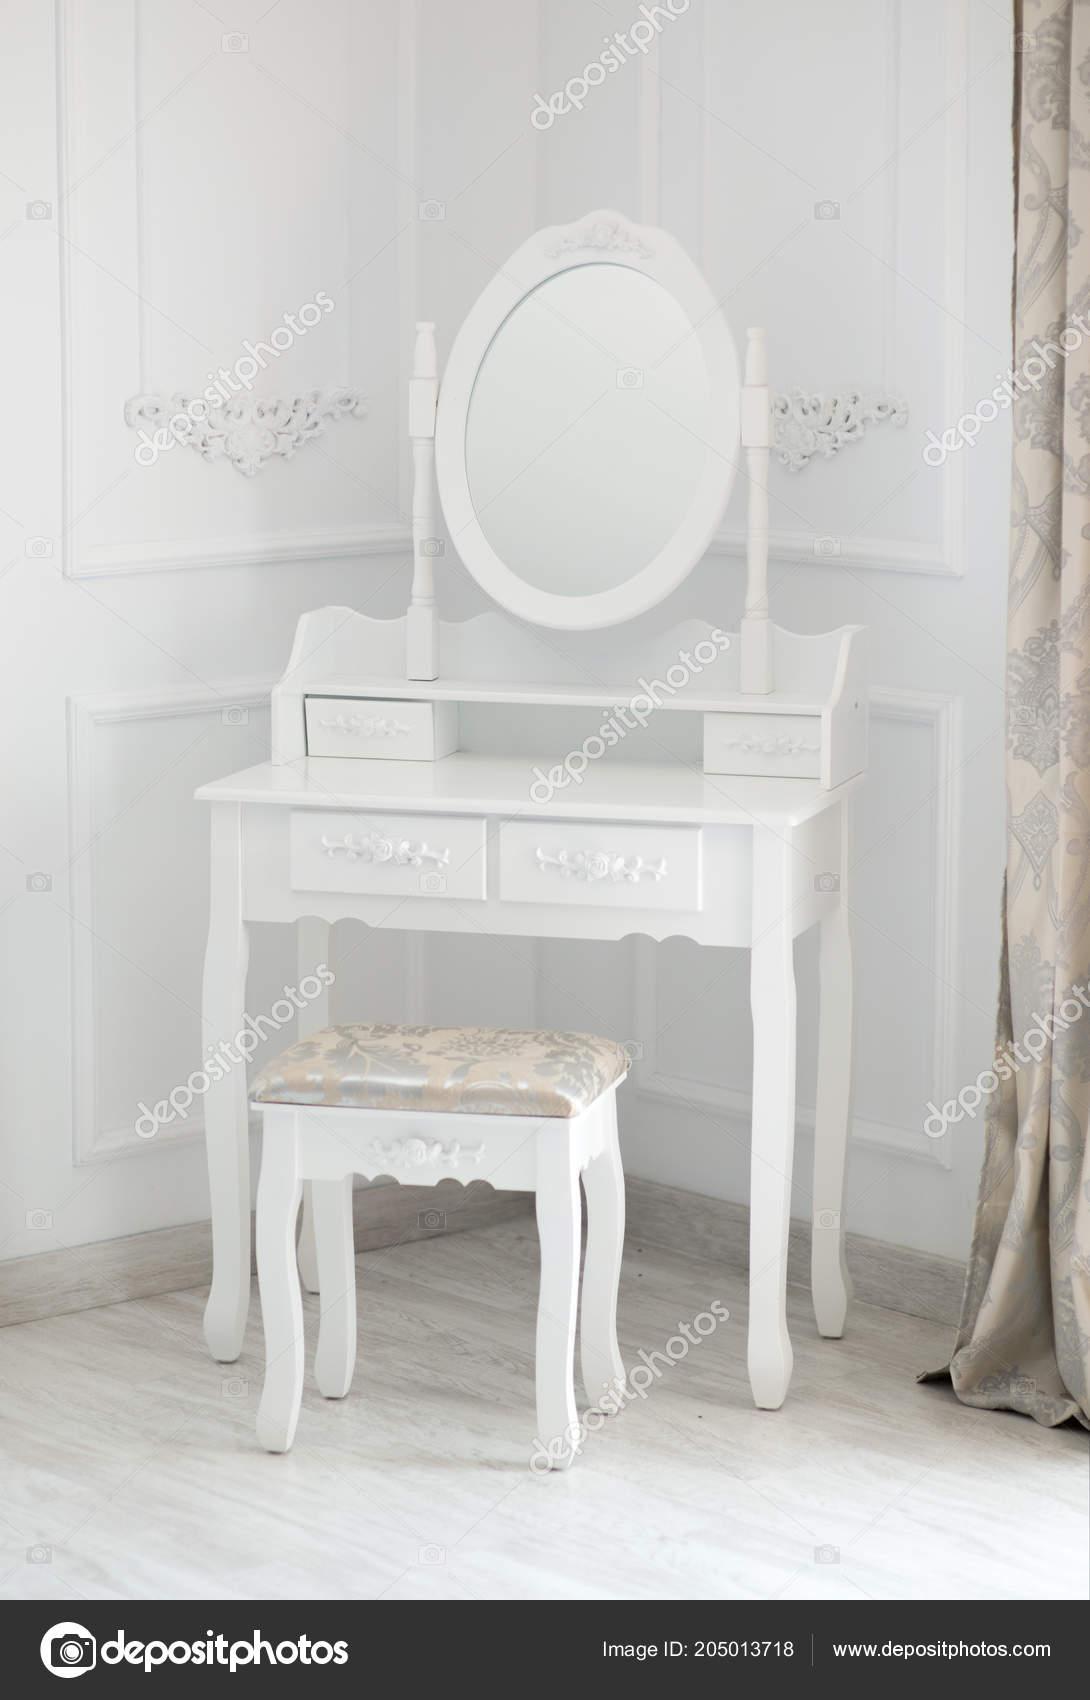 Tavolino Da Boudoir.Colpo Interno Boudoir Piccolo Tavolo Toeletta Con Specchio